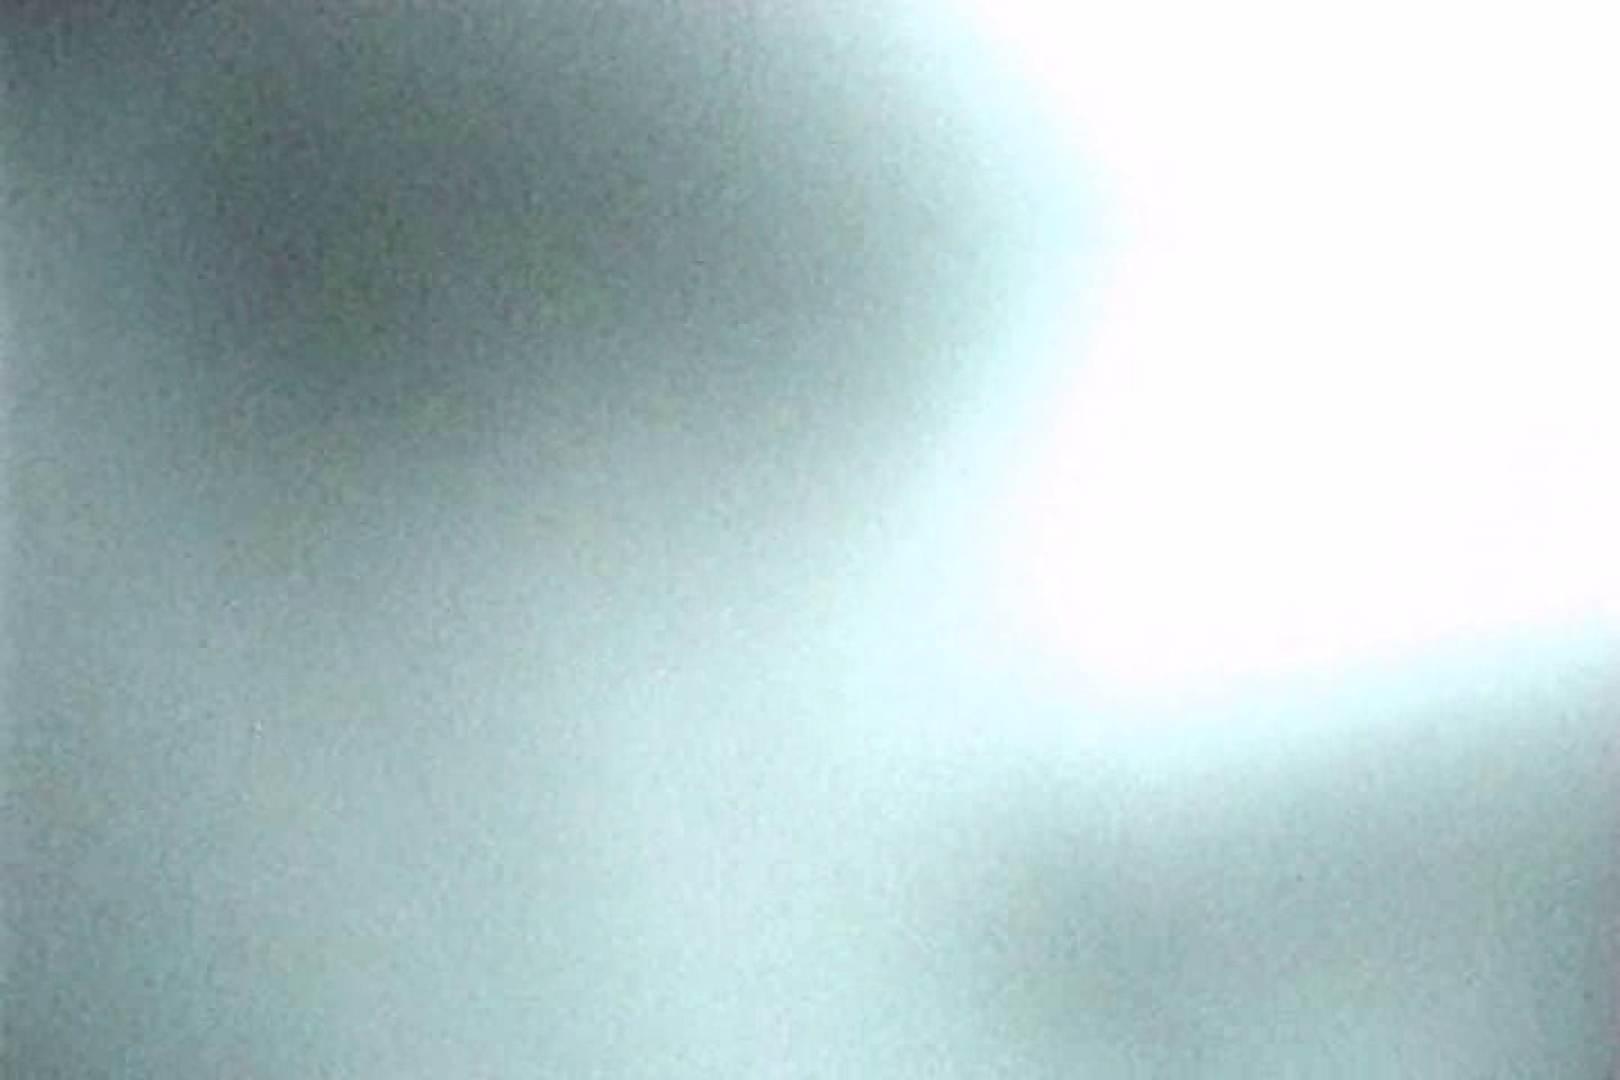 「充血監督」さんの深夜の運動会!! vol.132 カップル  99PIX 7